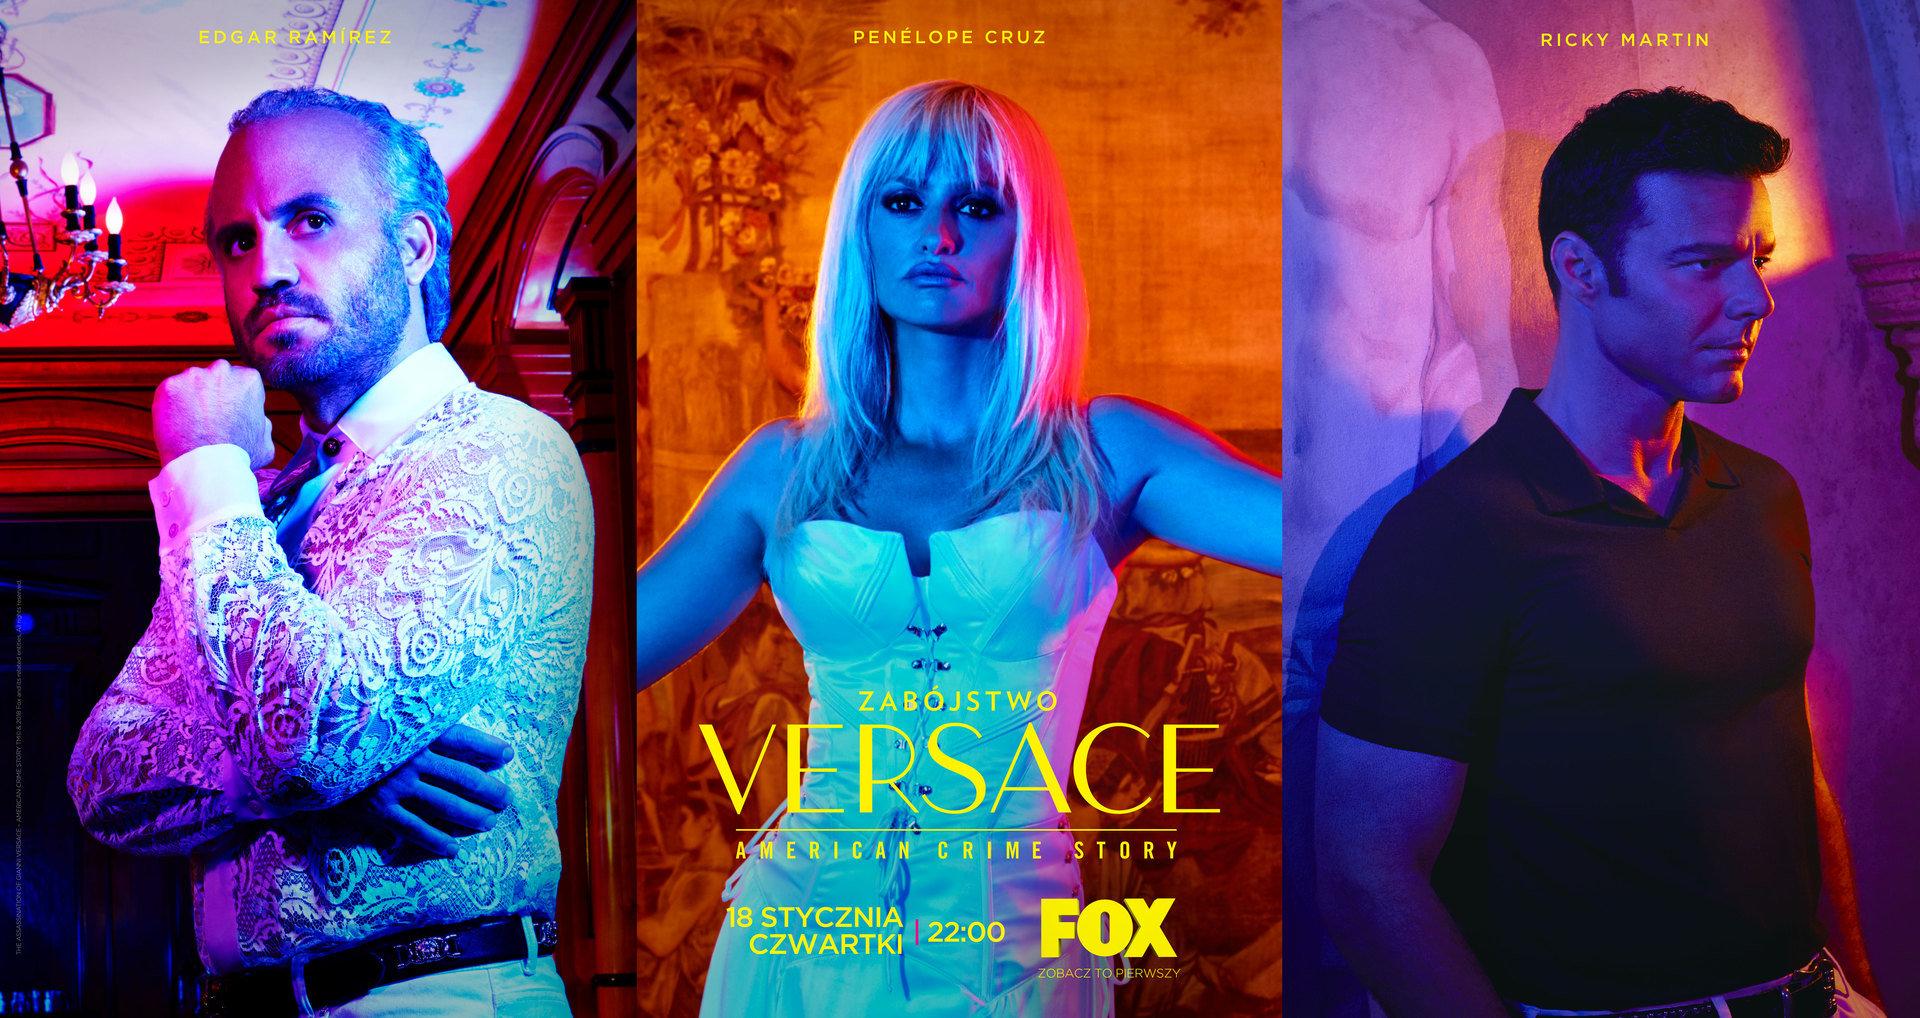 Gianni Versace: człowiek, który odmienił świat mody